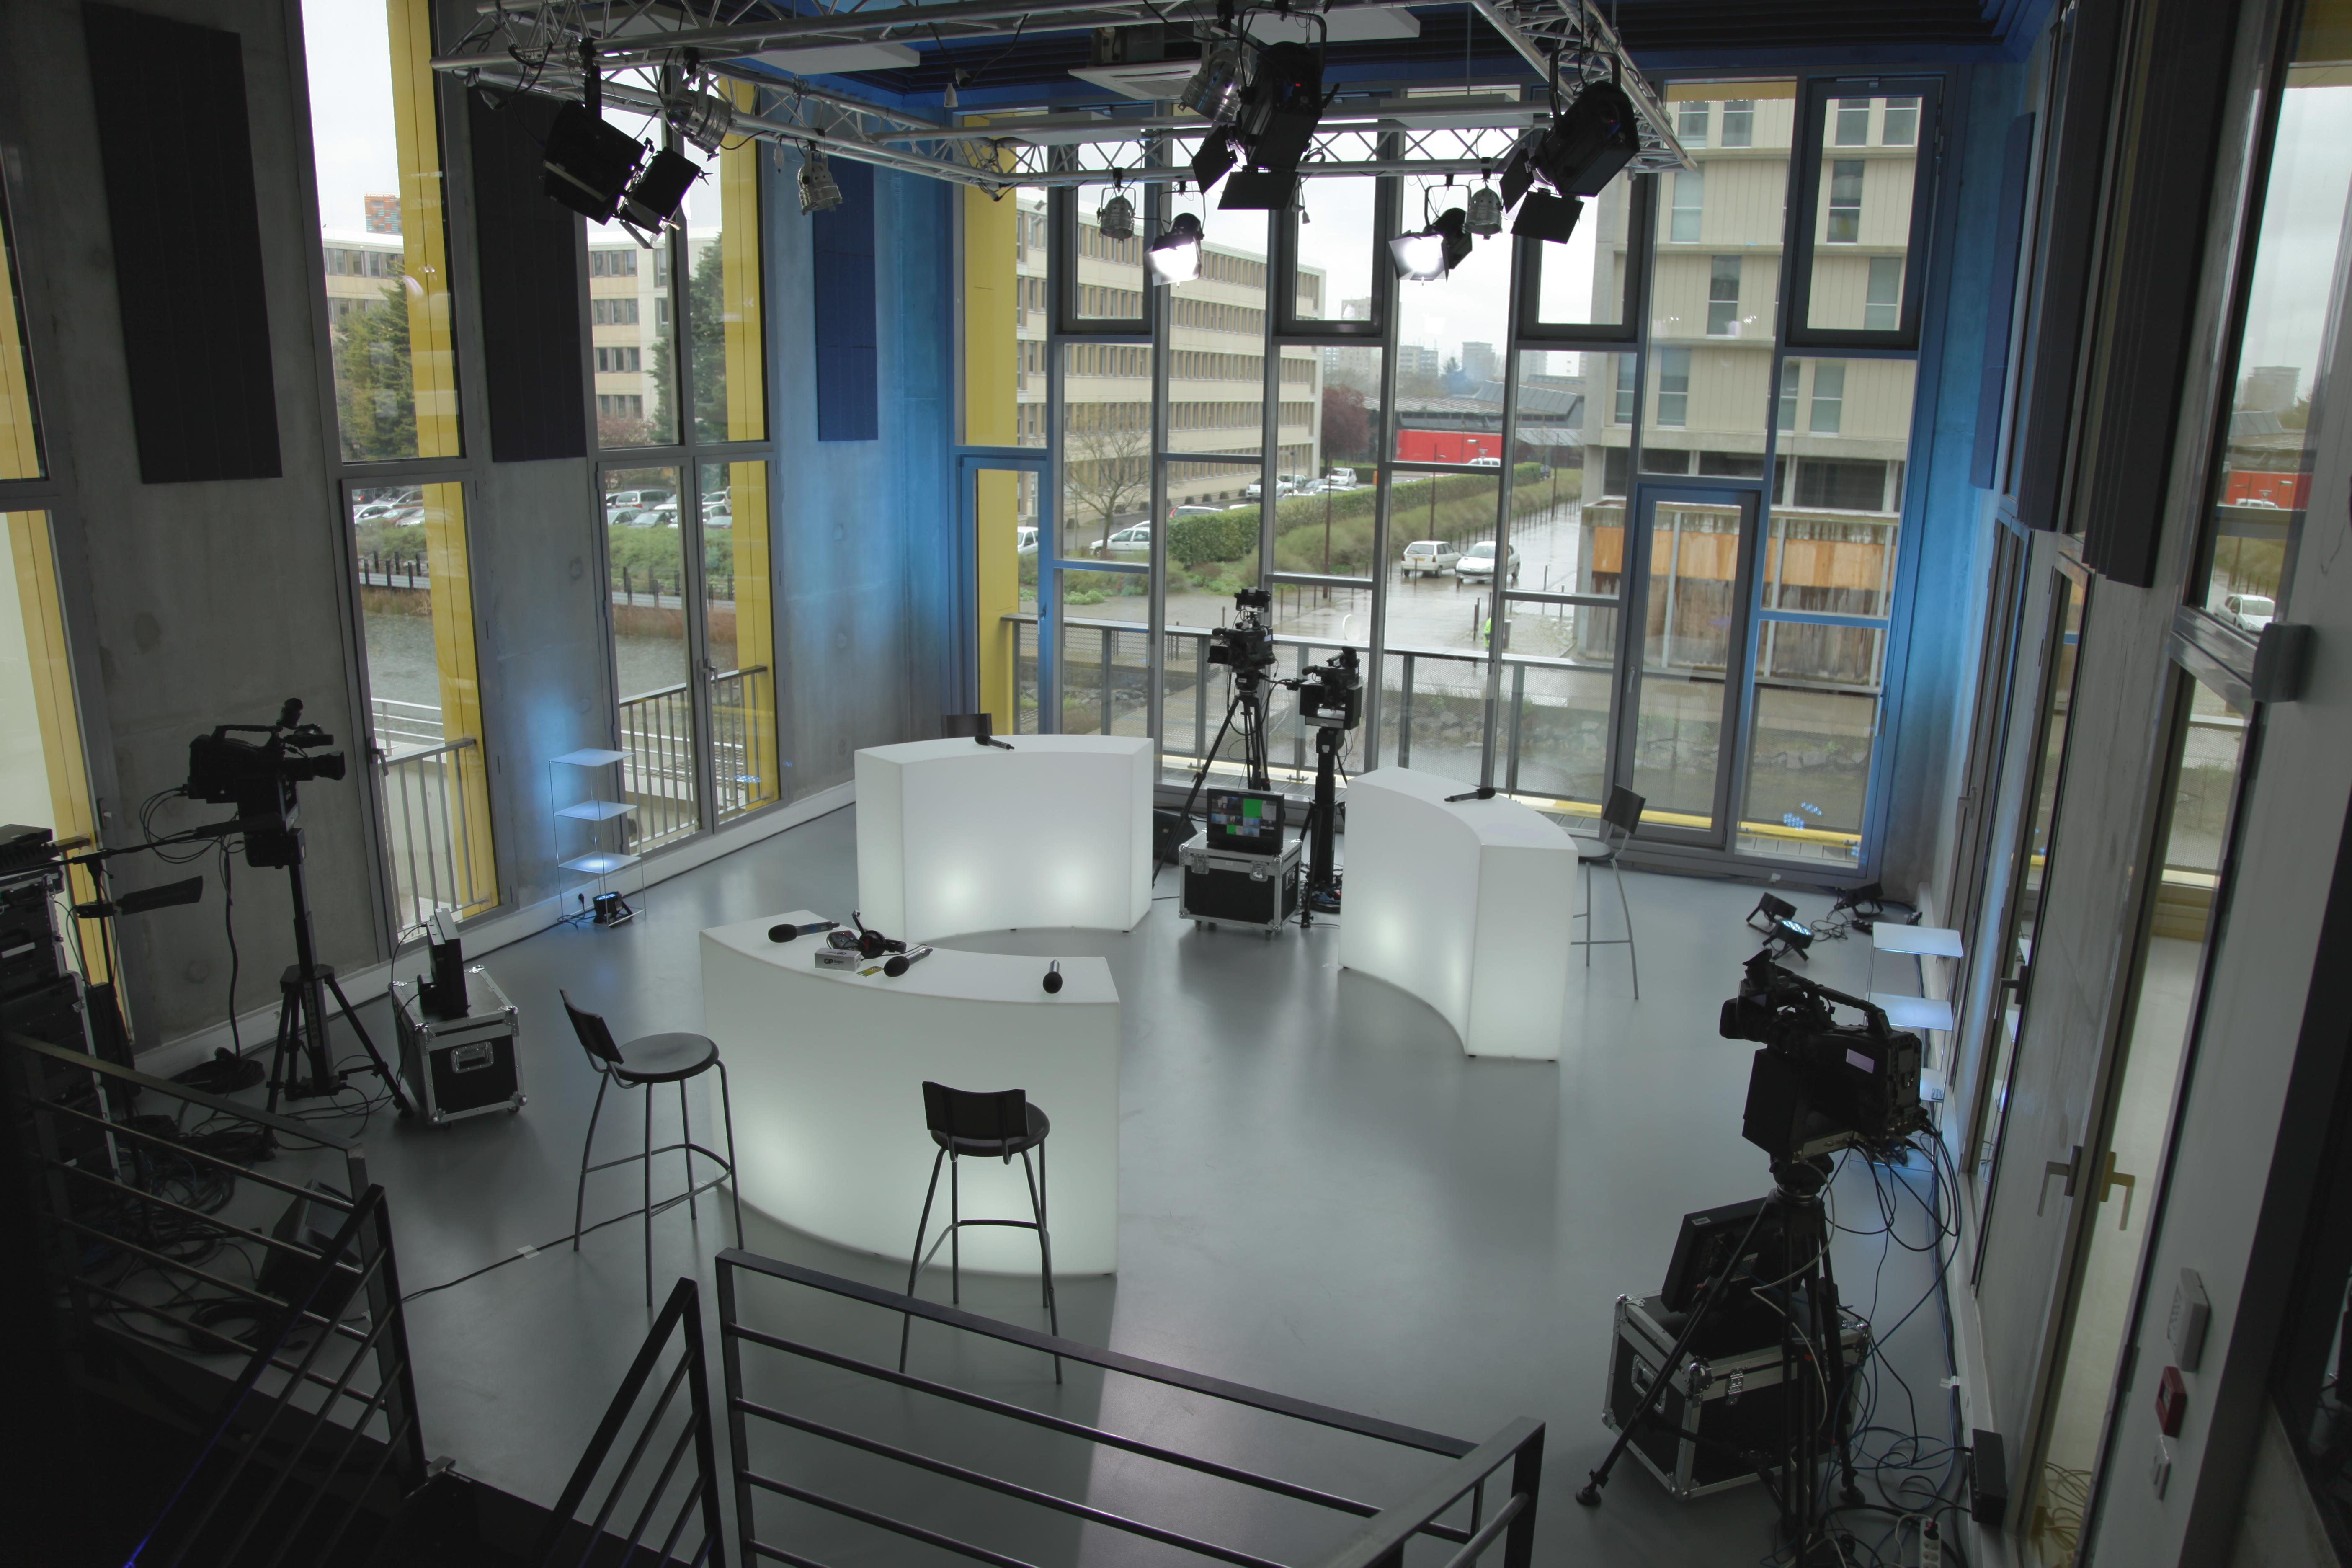 Les grands débats des municipales 2014 à Nantes enregistrés aux Studios de l'Île